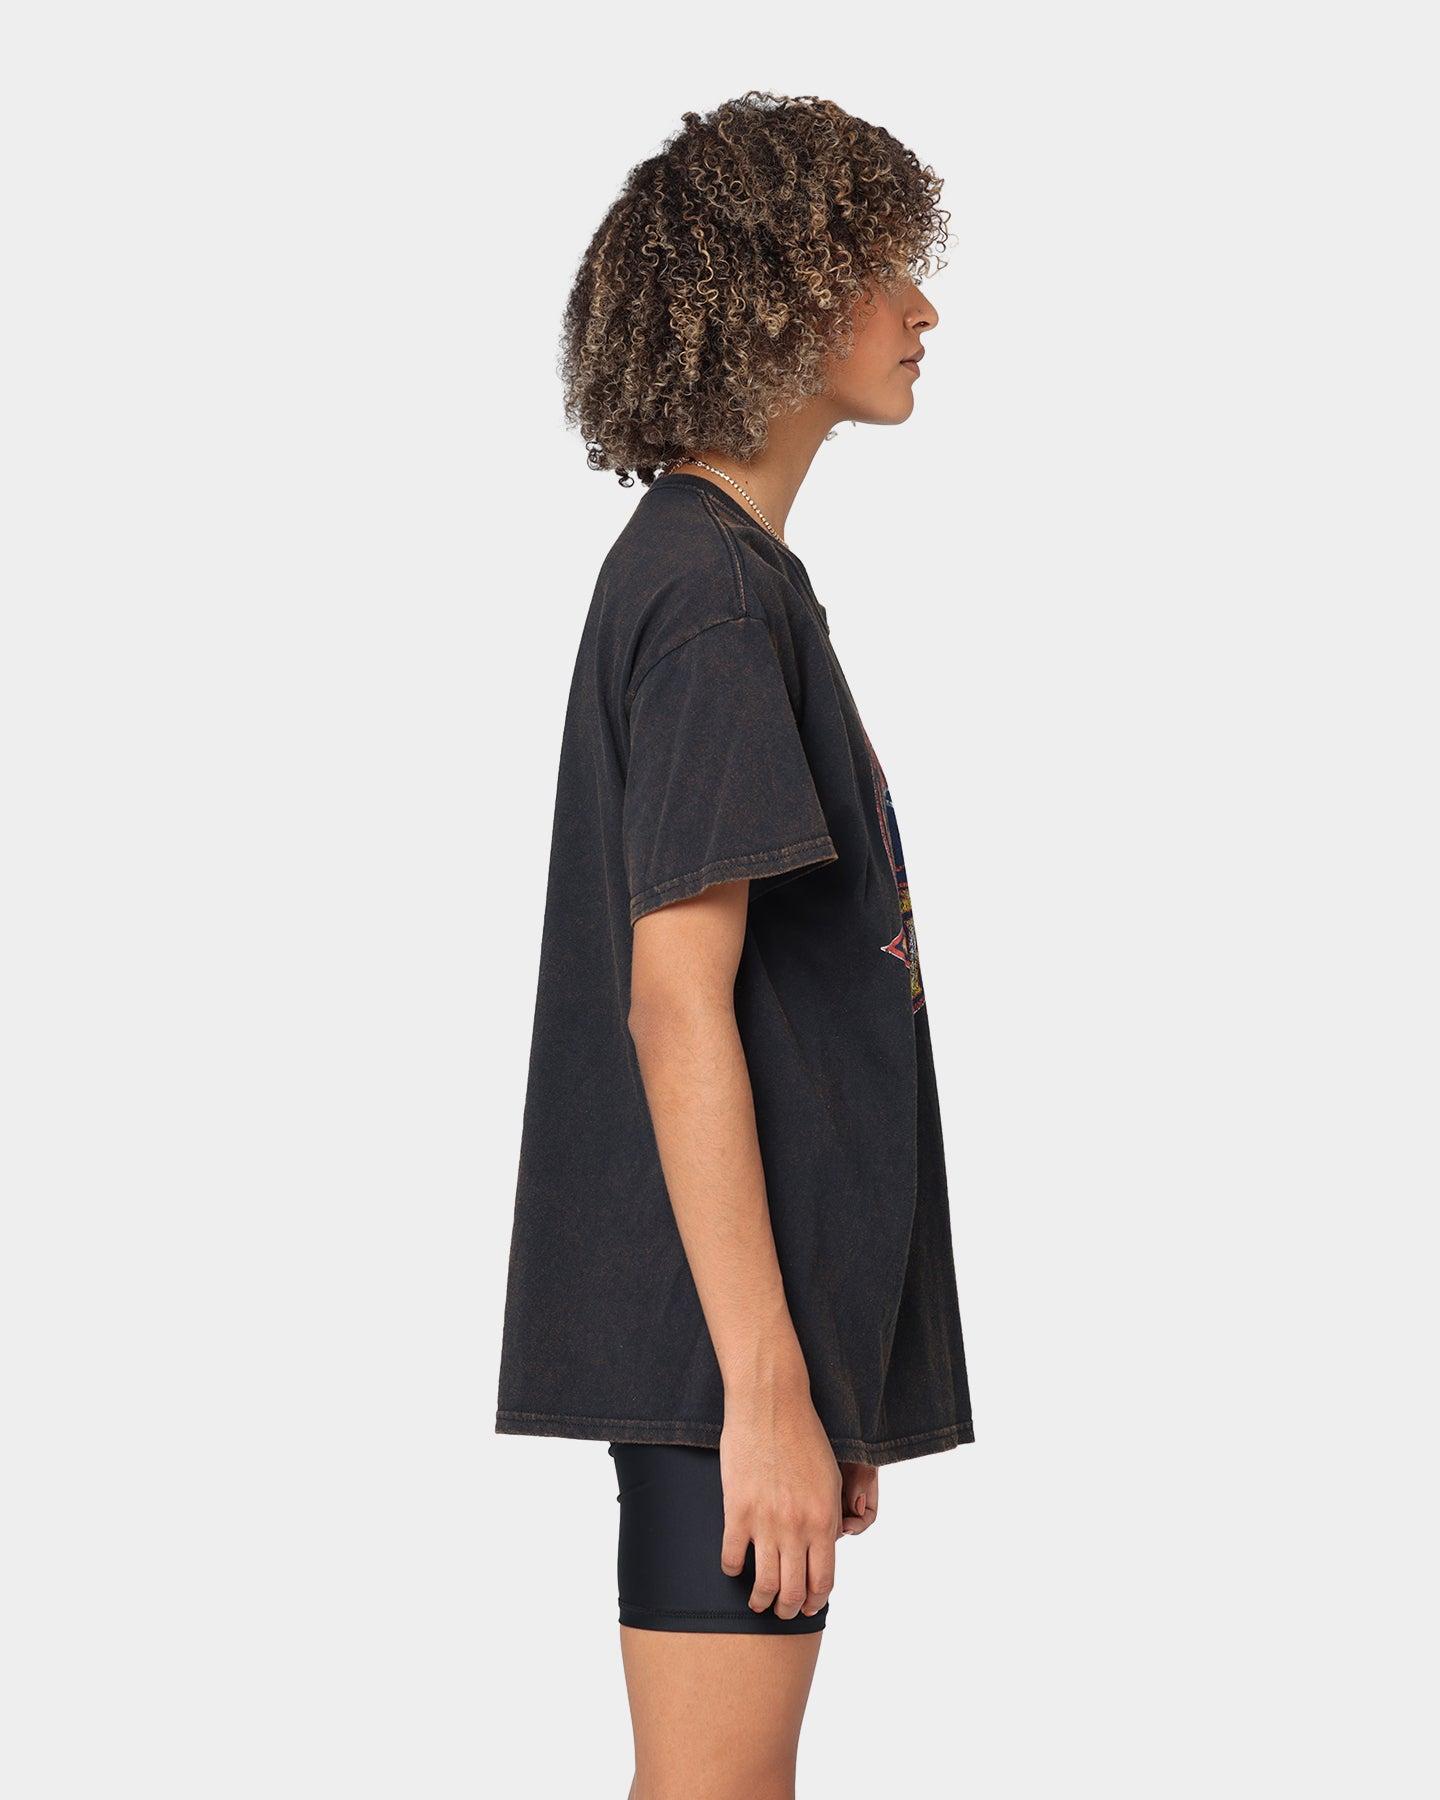 Little black vintage top